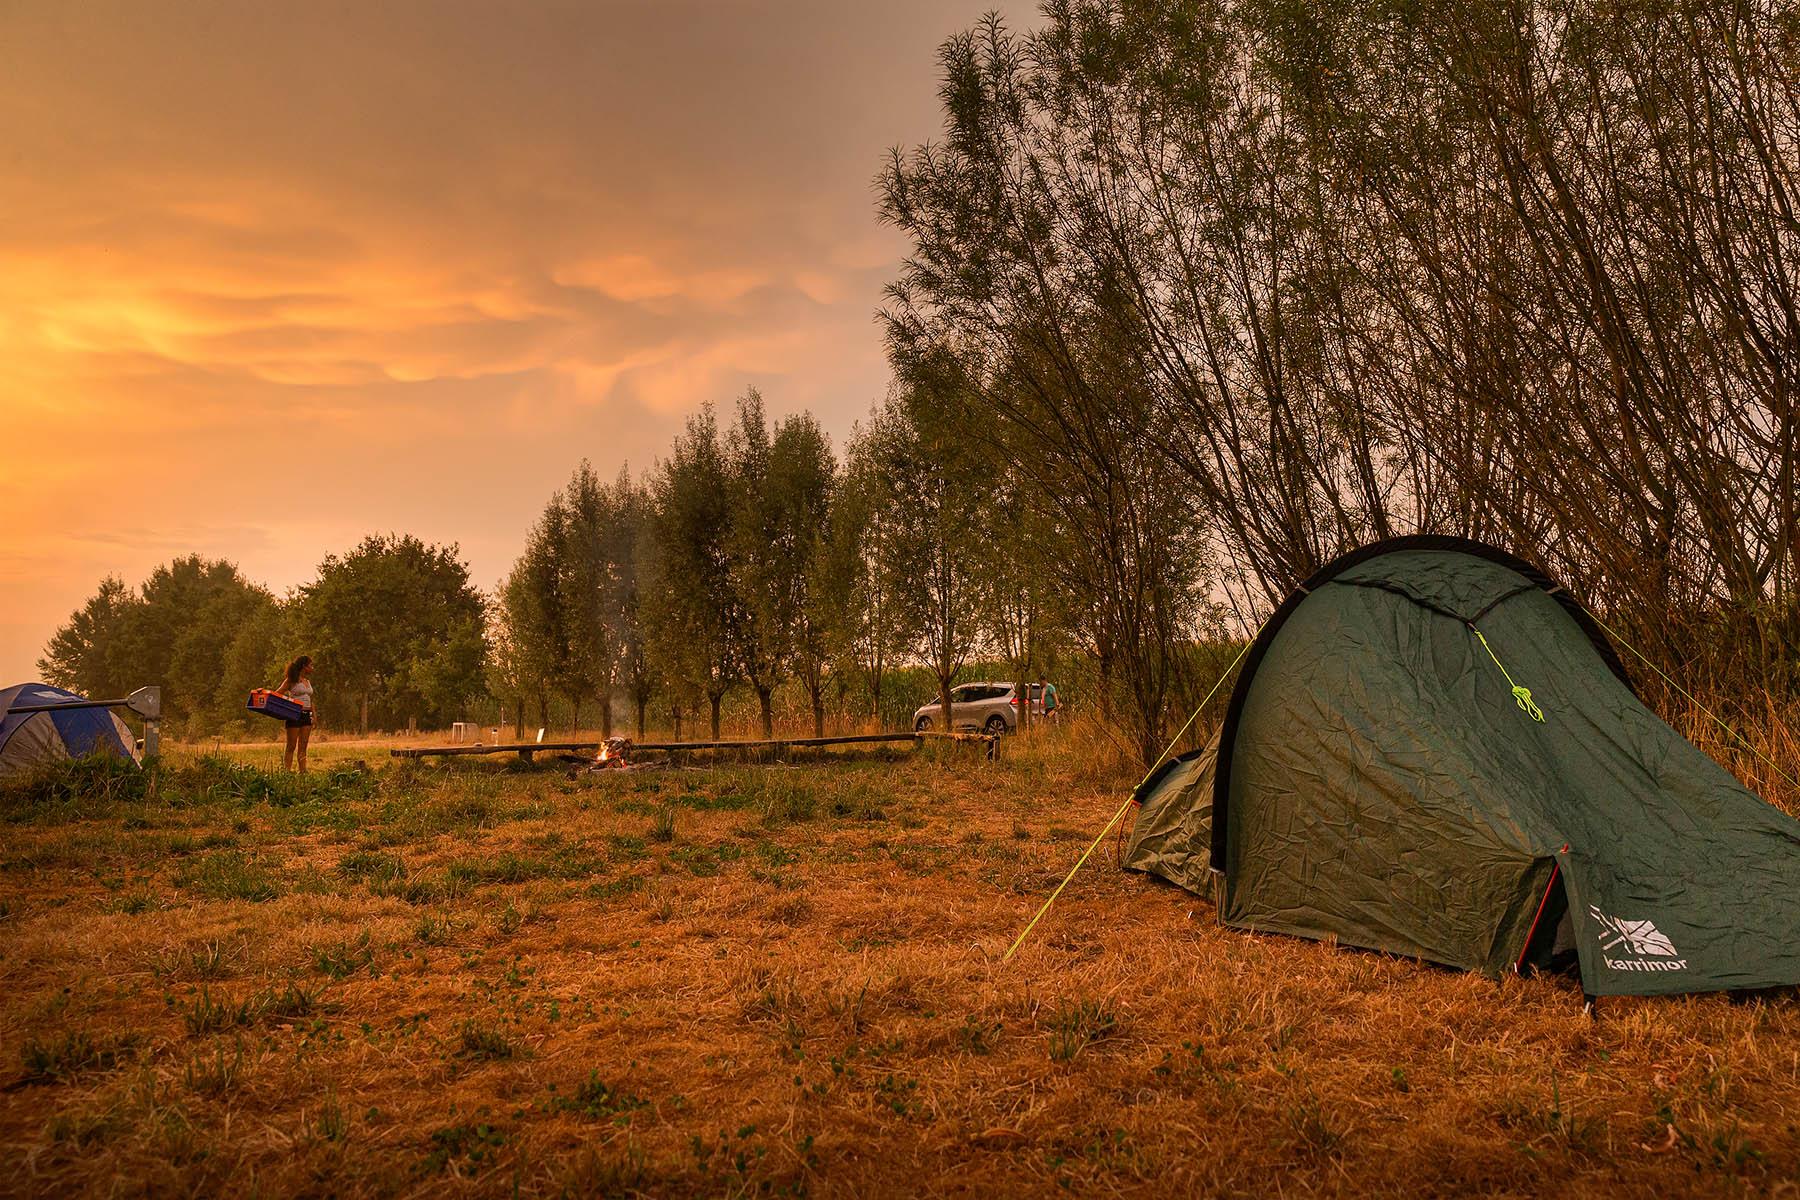 Bivakzone Kleit nabij het drongengoedbos, landschapspark drongengoed, Kleit. Legaal kamperen in België, legaal kamperen in Oost-Vlaanderen, West-Vlaamse landschapsfotograaf Glenn Vanderbeke